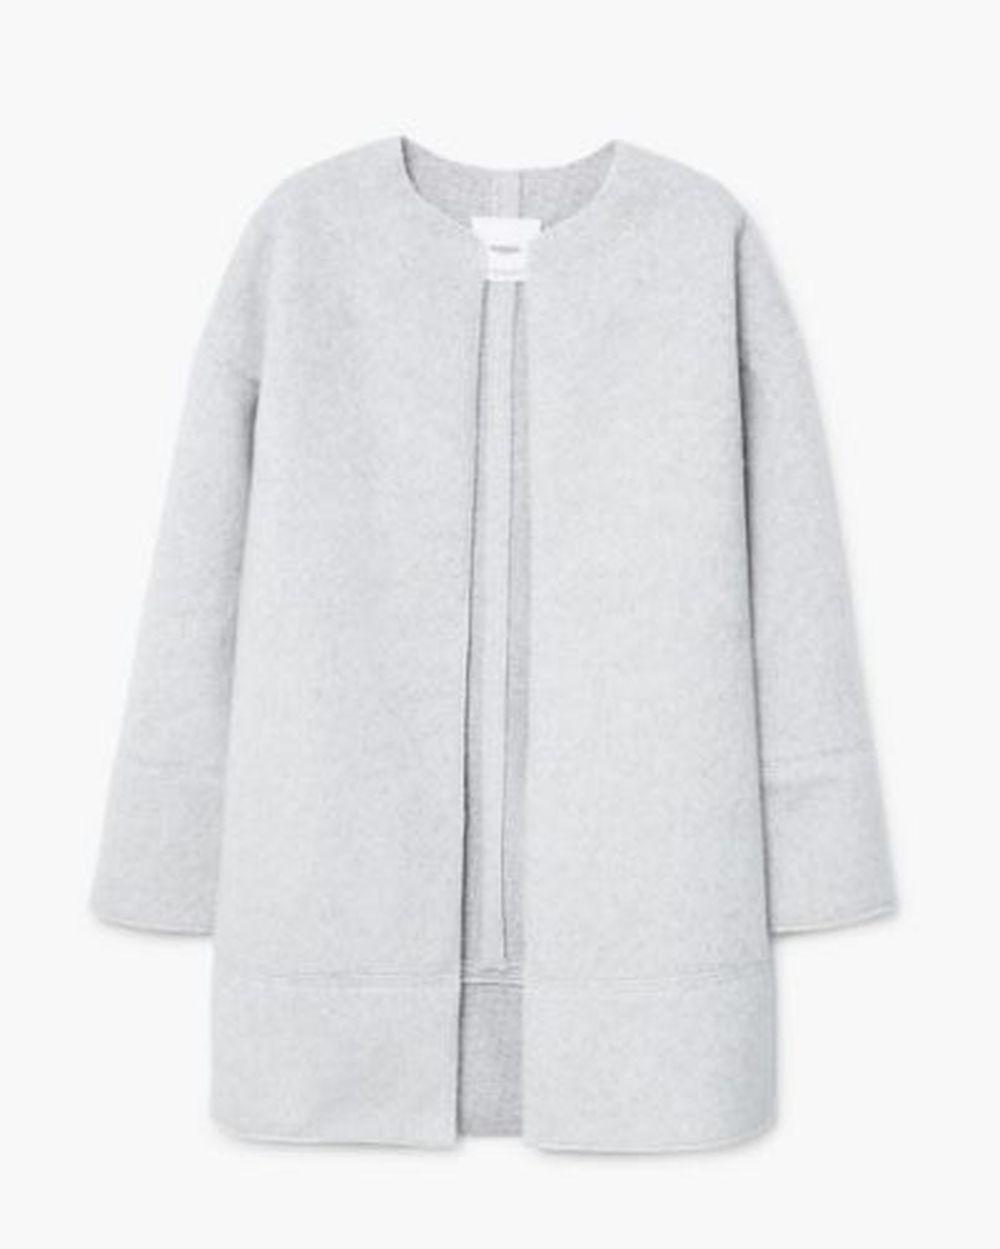 Abrigo de lana de Mango (29,99 euros)